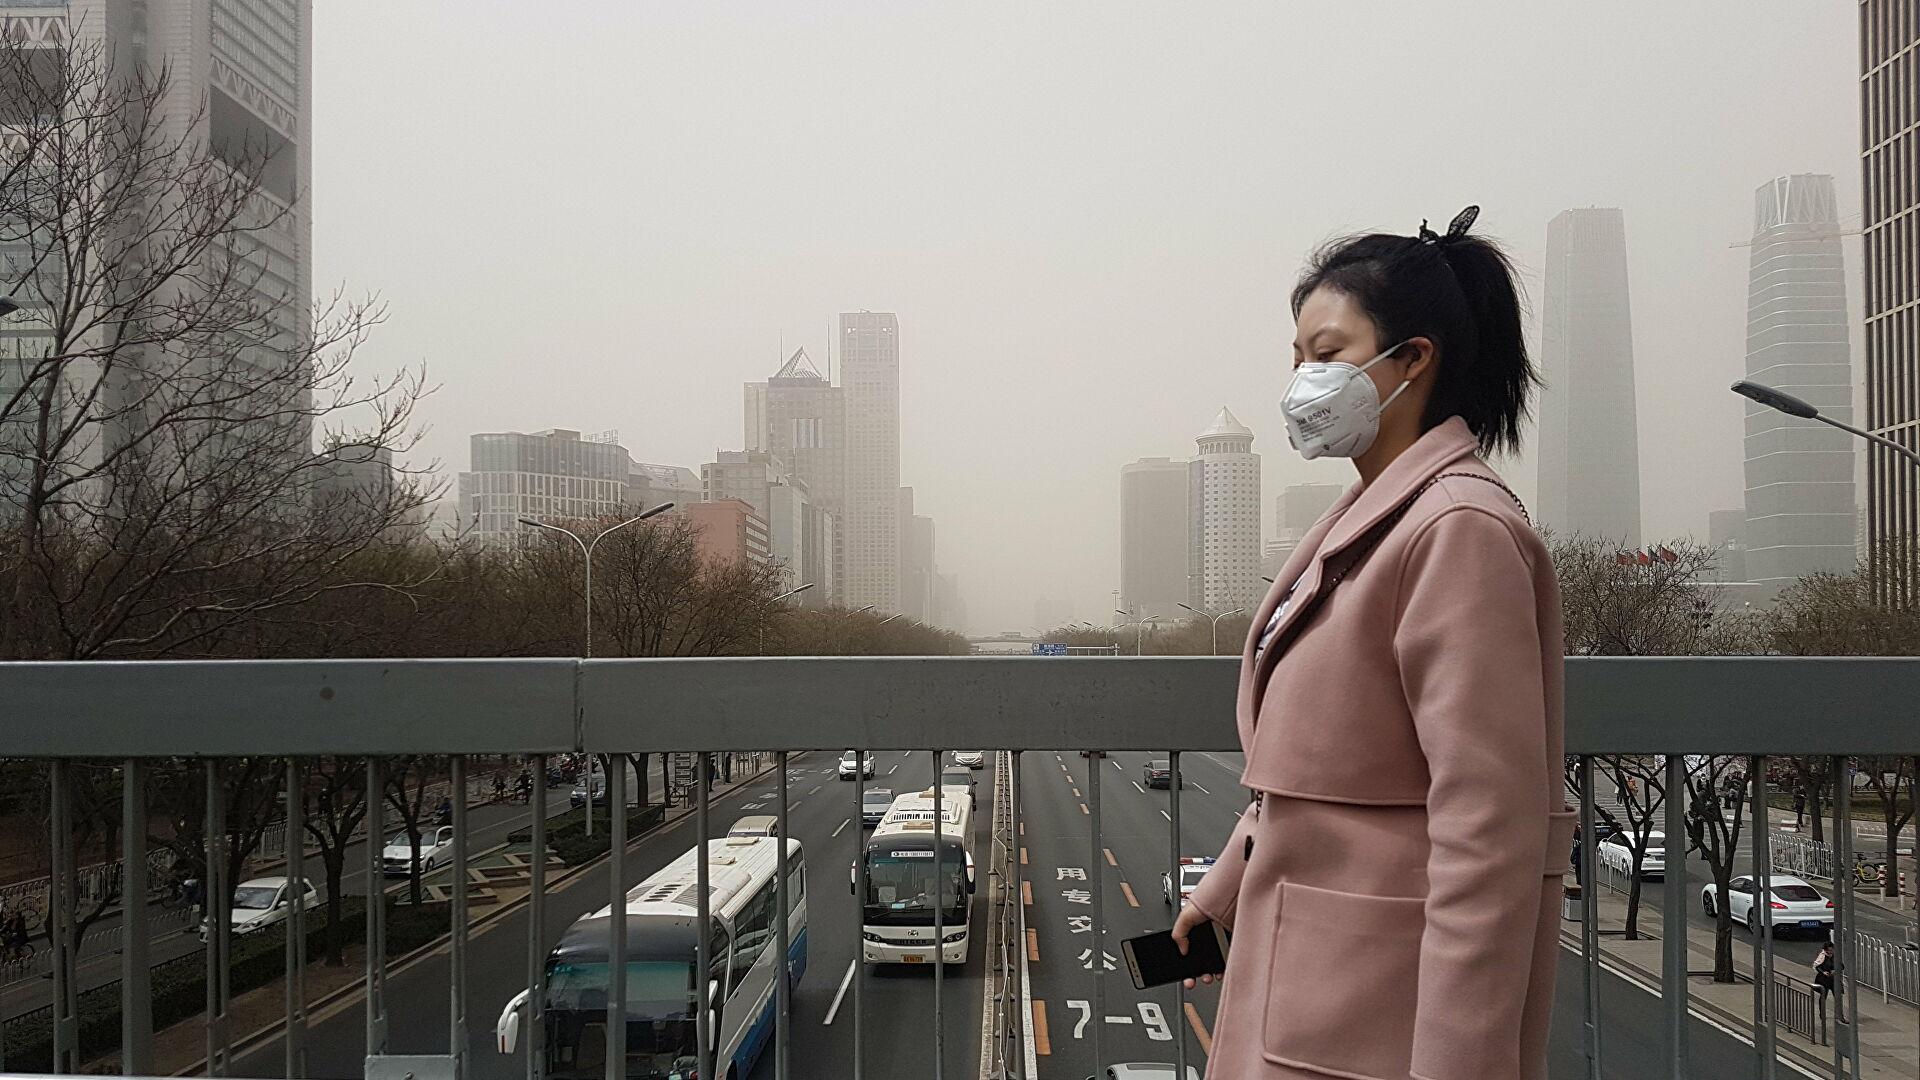 Загрязненный воздух во время беременности повышает риск астмы у ребенка